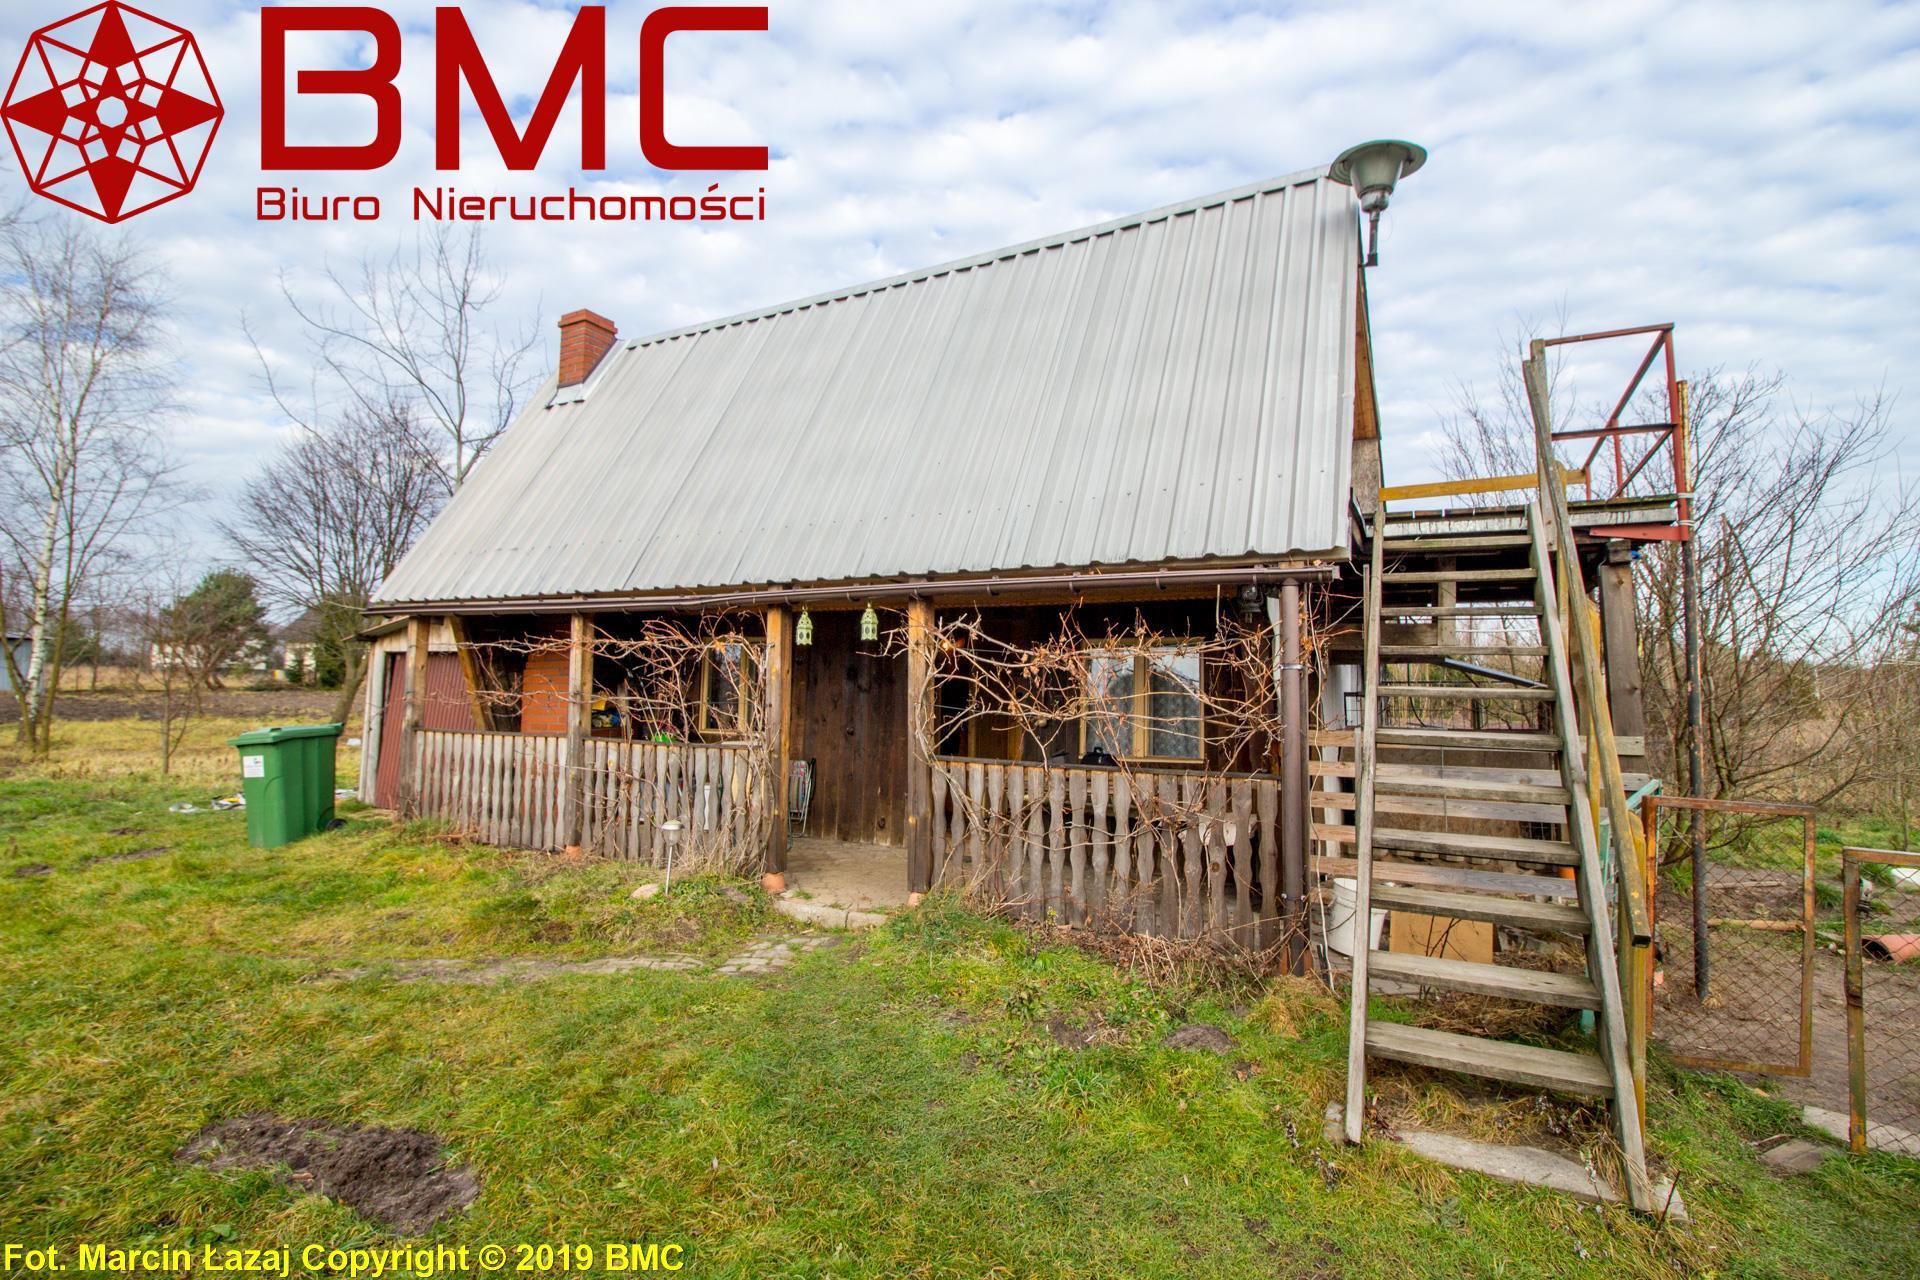 Nieruchomość Dom sprzedaż Rusinowice Domek letniskowy na działce ze stawem pod lasem1